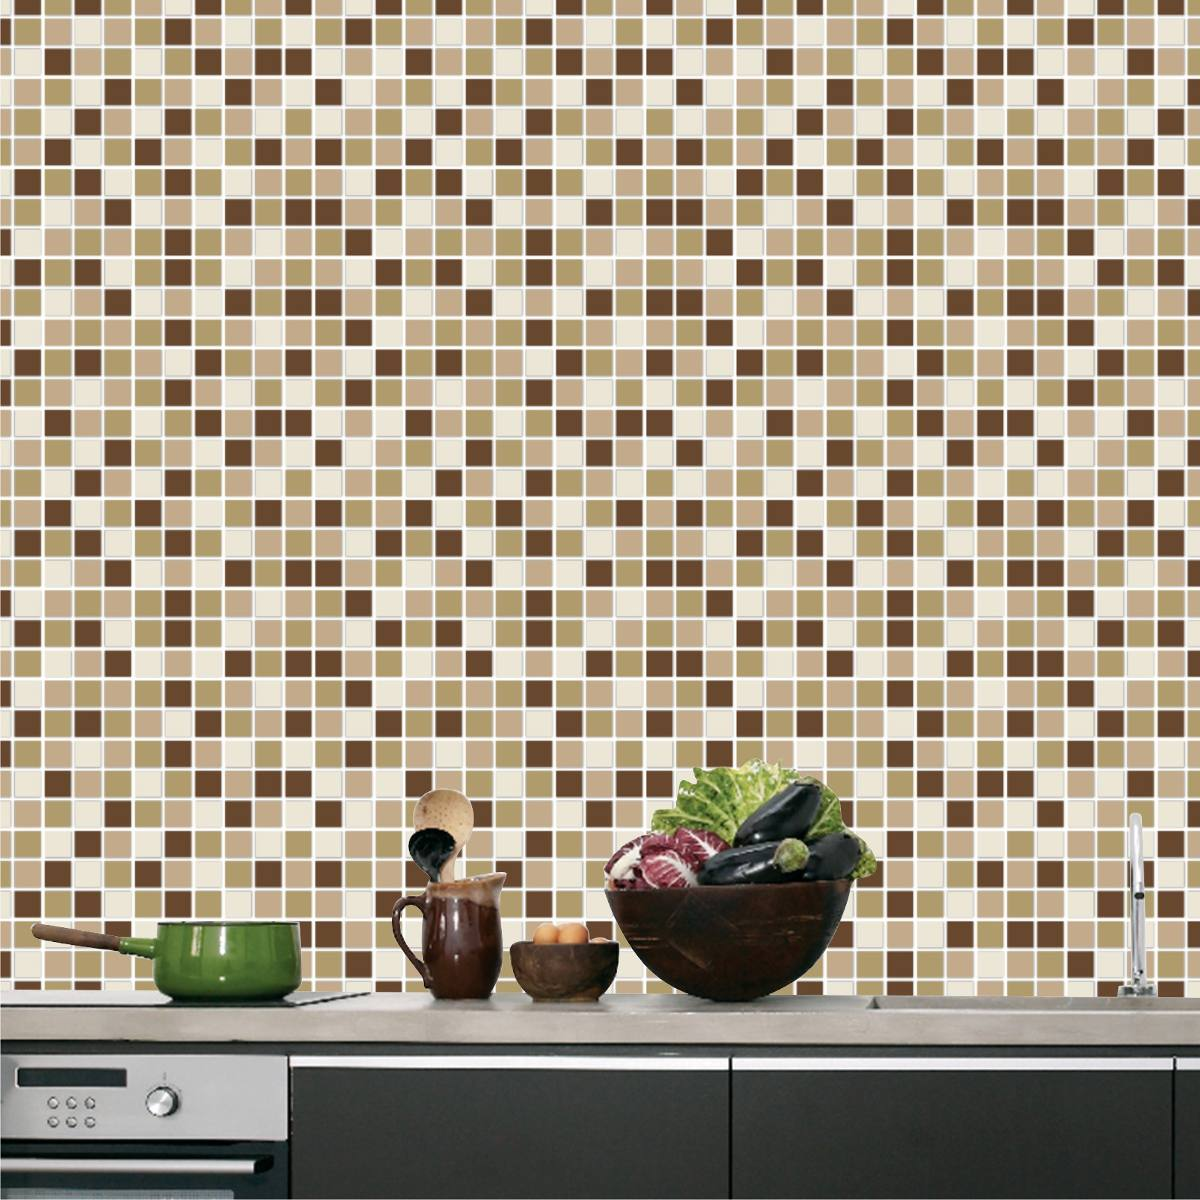 Auto adesivo pastilhas papel parede cozinha lav vel for Papel vinilico para pared